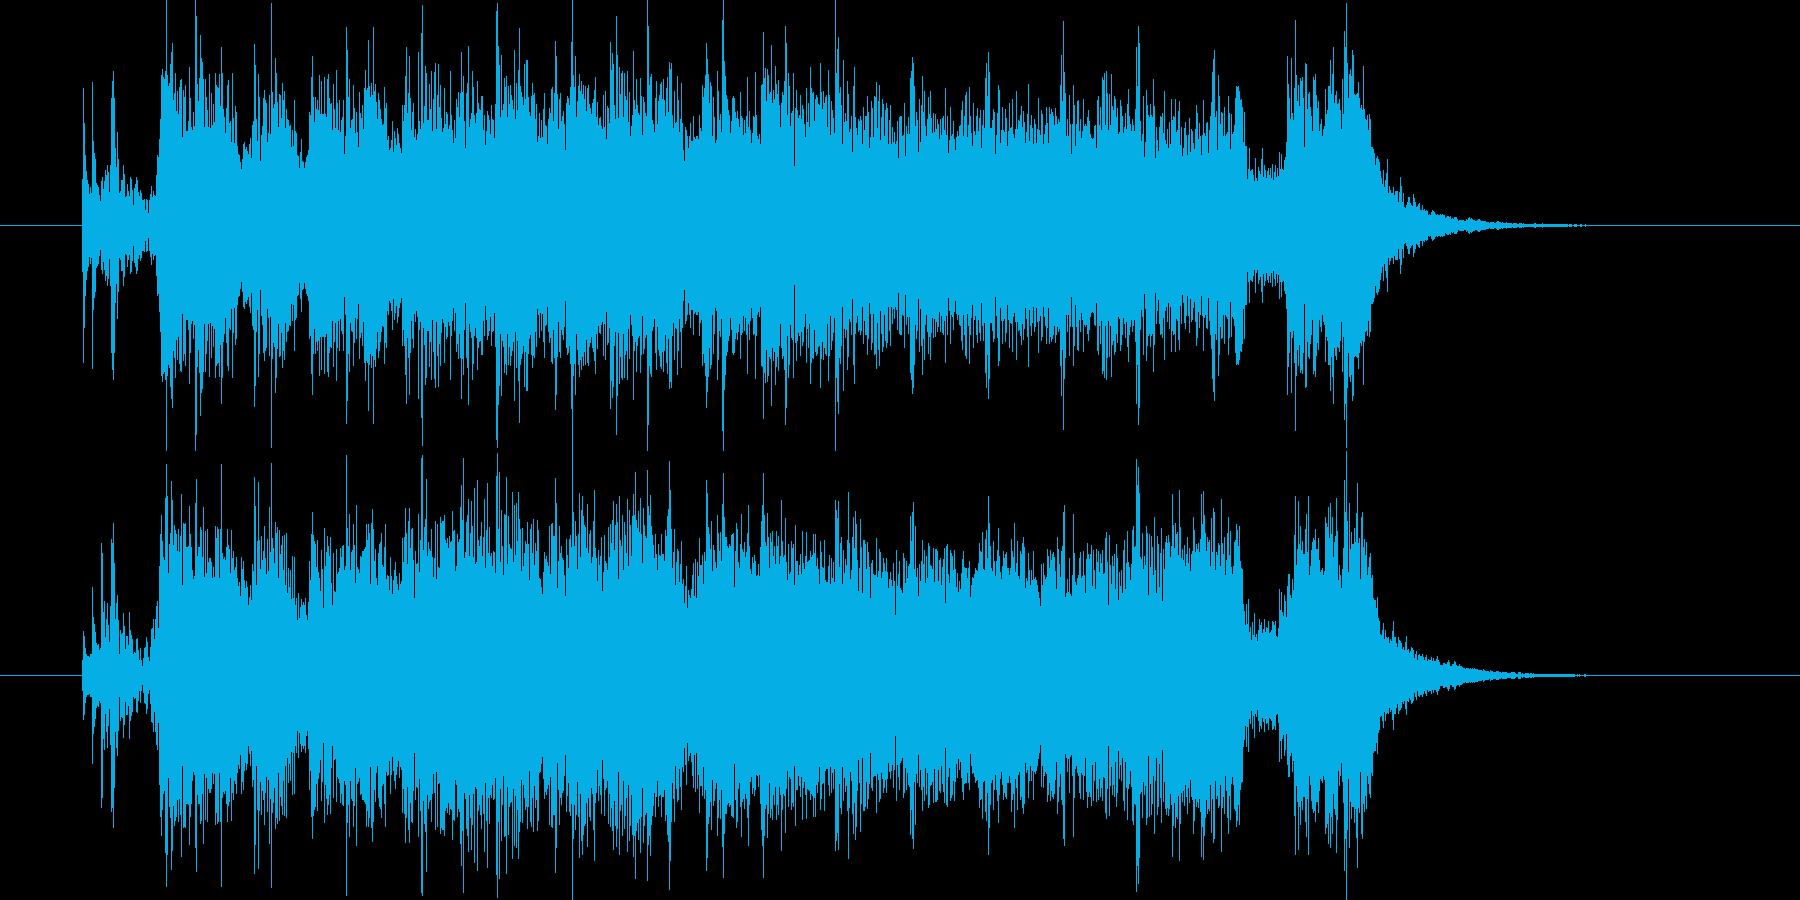 ロックテイストのアップテンポなポップスの再生済みの波形